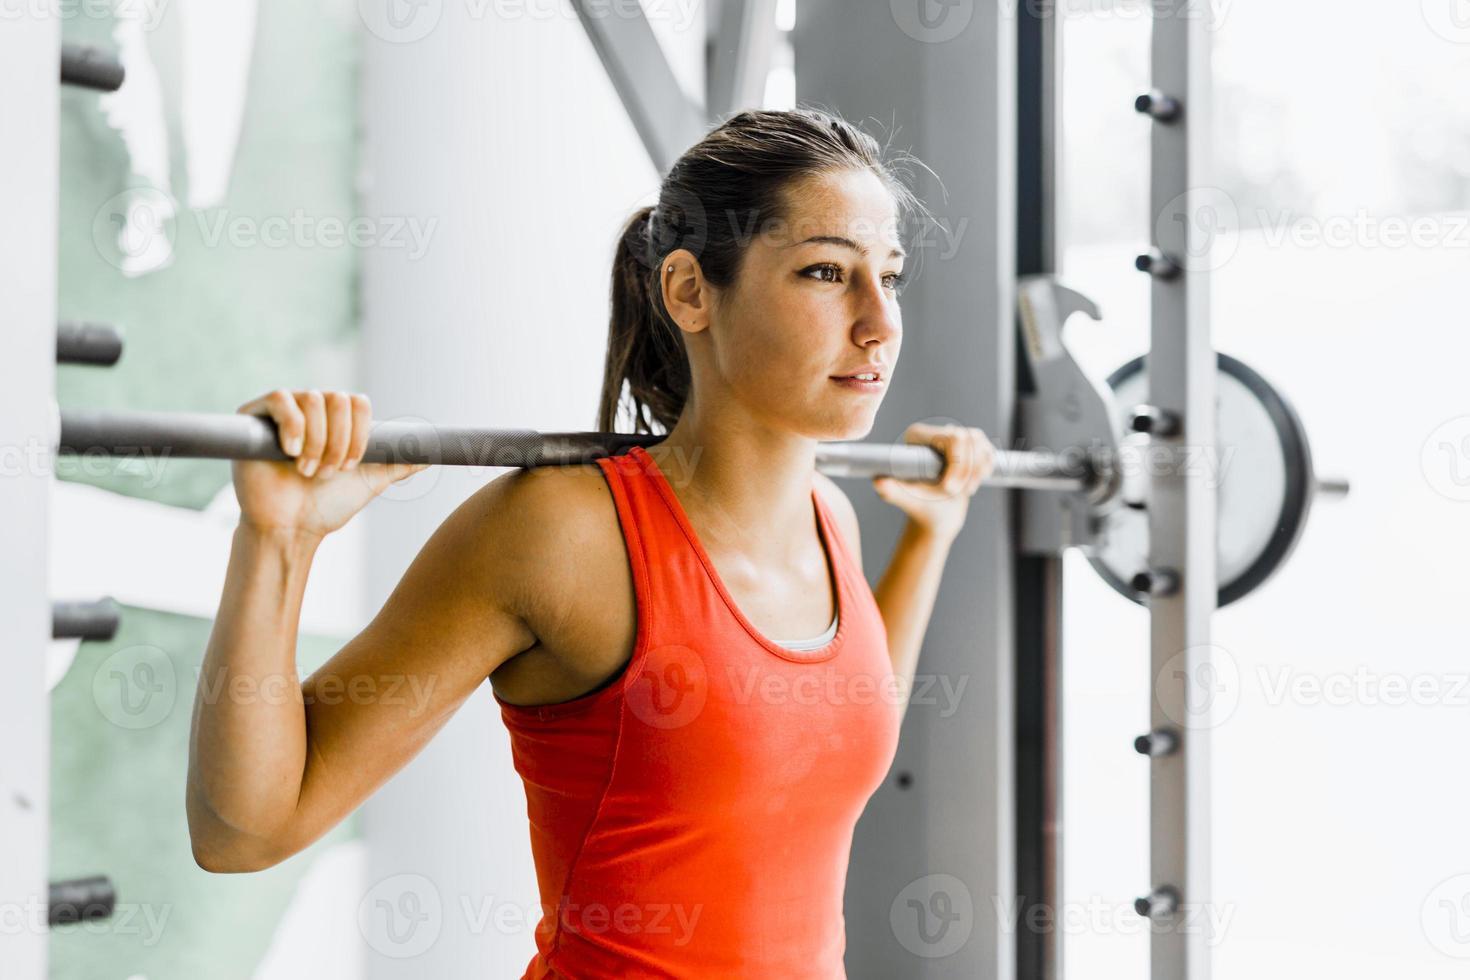 junge schöne Frau, die Gewichte in einem Fitnessstudio hebt foto